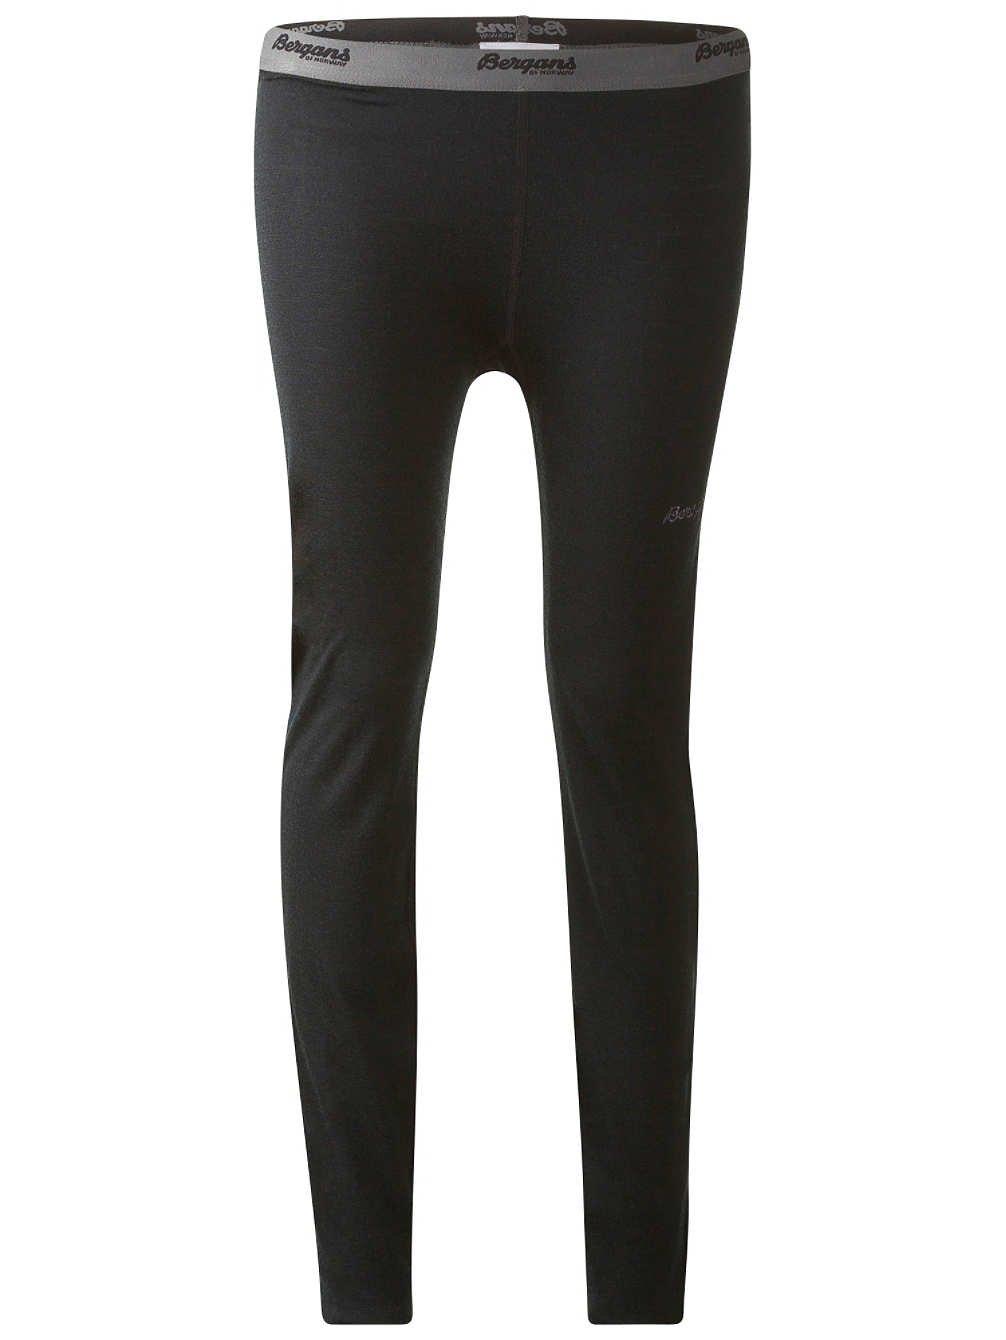 Bergans Akeleie Lady Underpants Tights - 220er Funktionswäsche mit Merinowolle